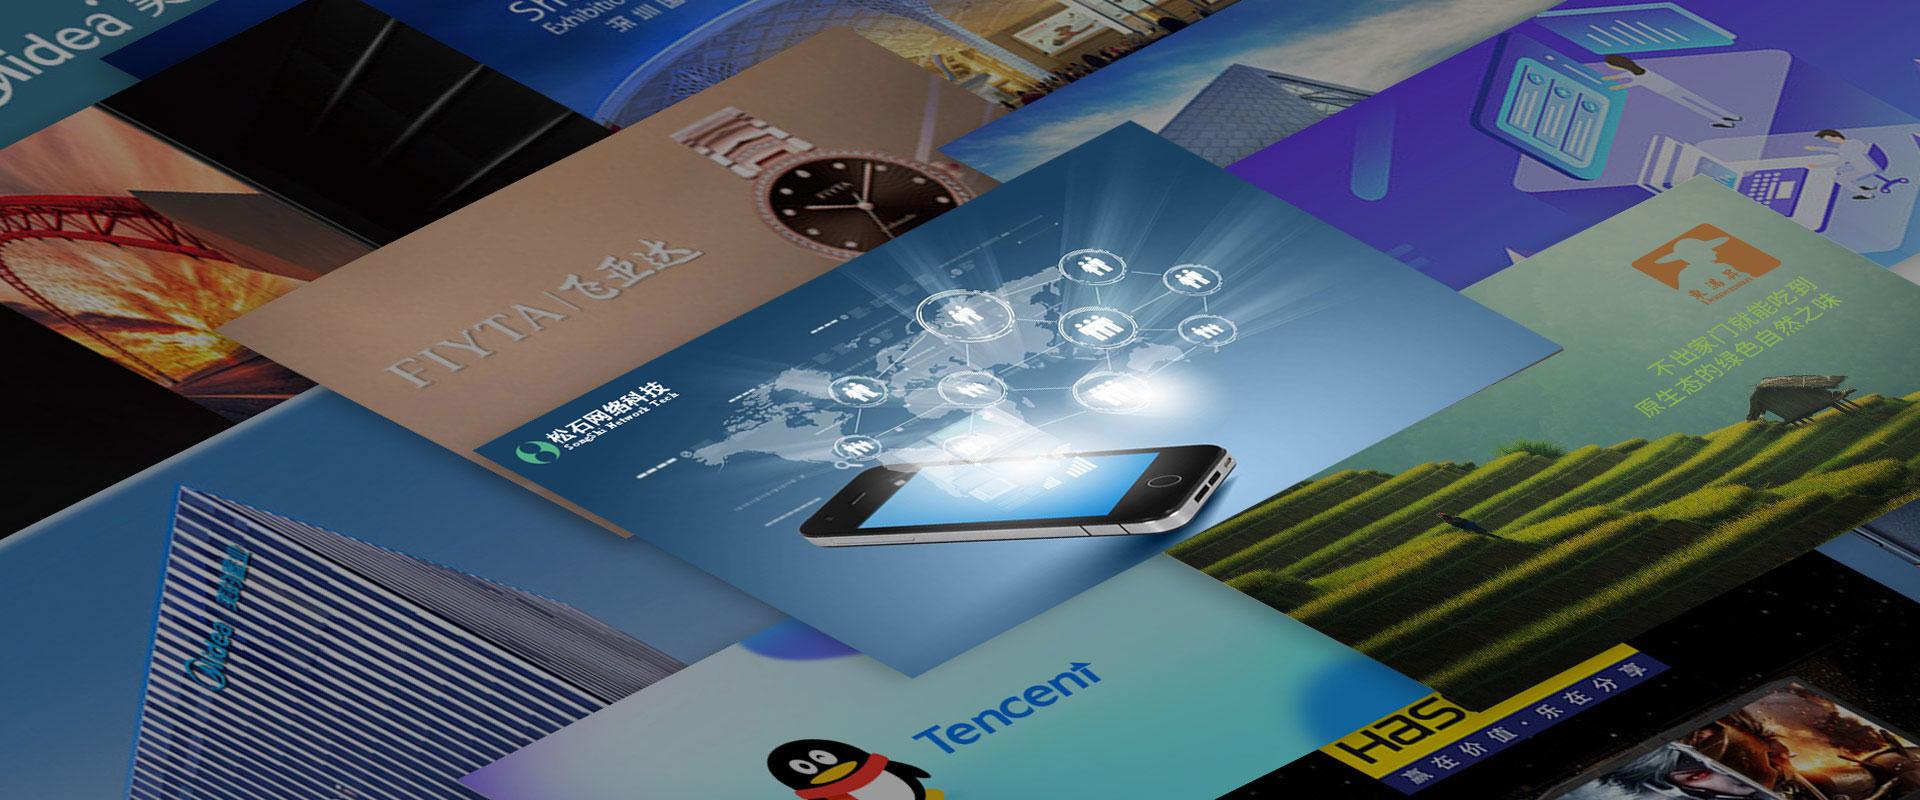 程序开发就选十堰市松石网络科技有限公司